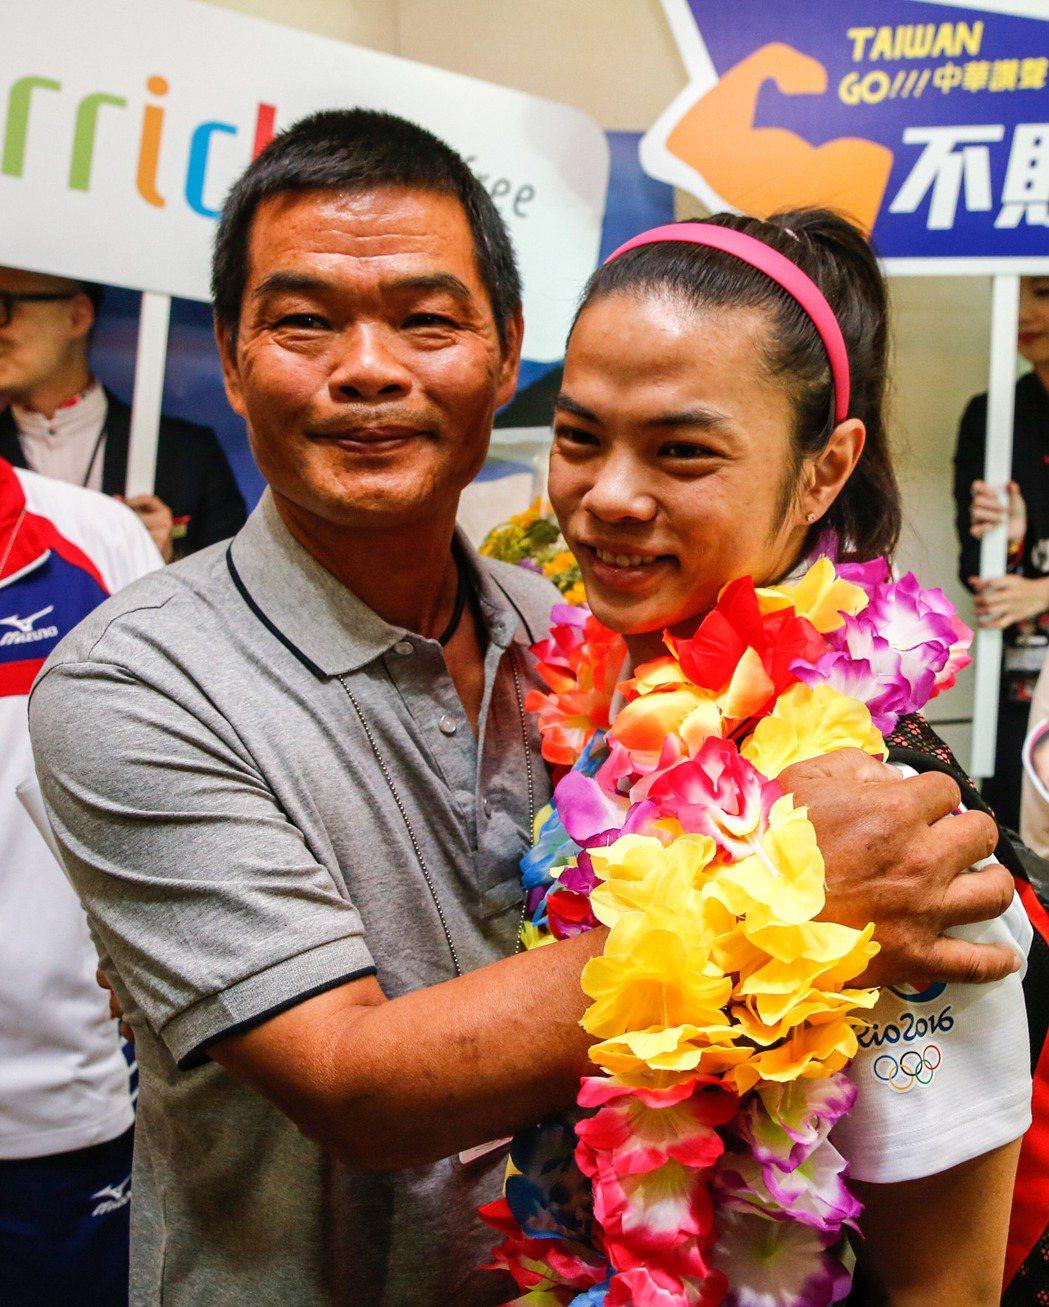 許爸爸親自前來接機,還靦腆地抱抱女兒。記者鄭超文/攝影